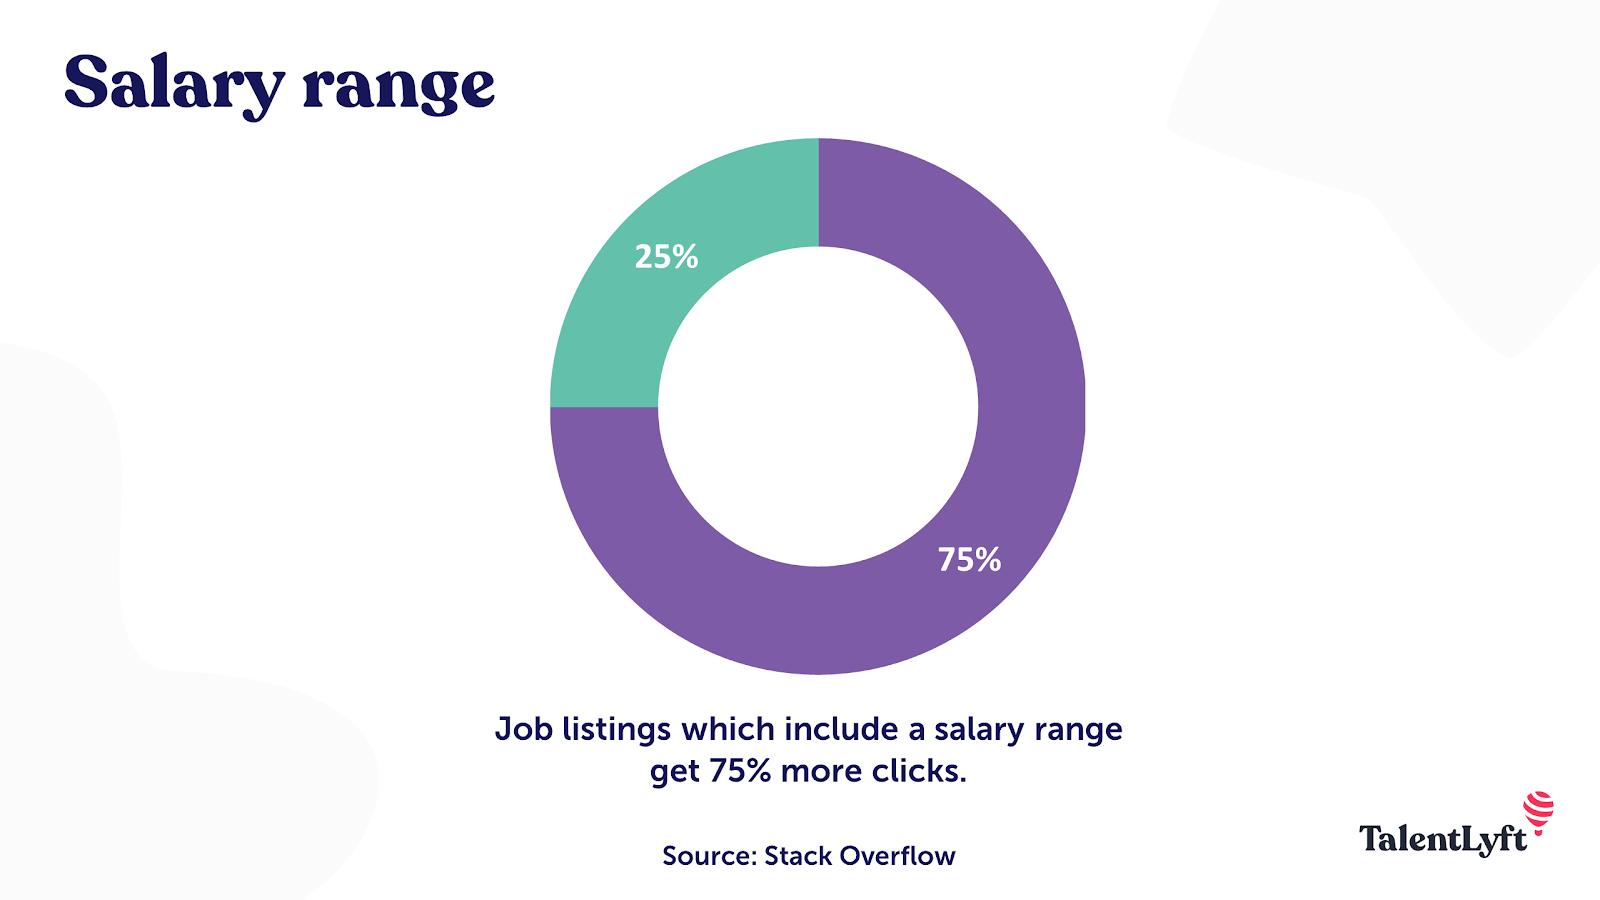 Job description statistics